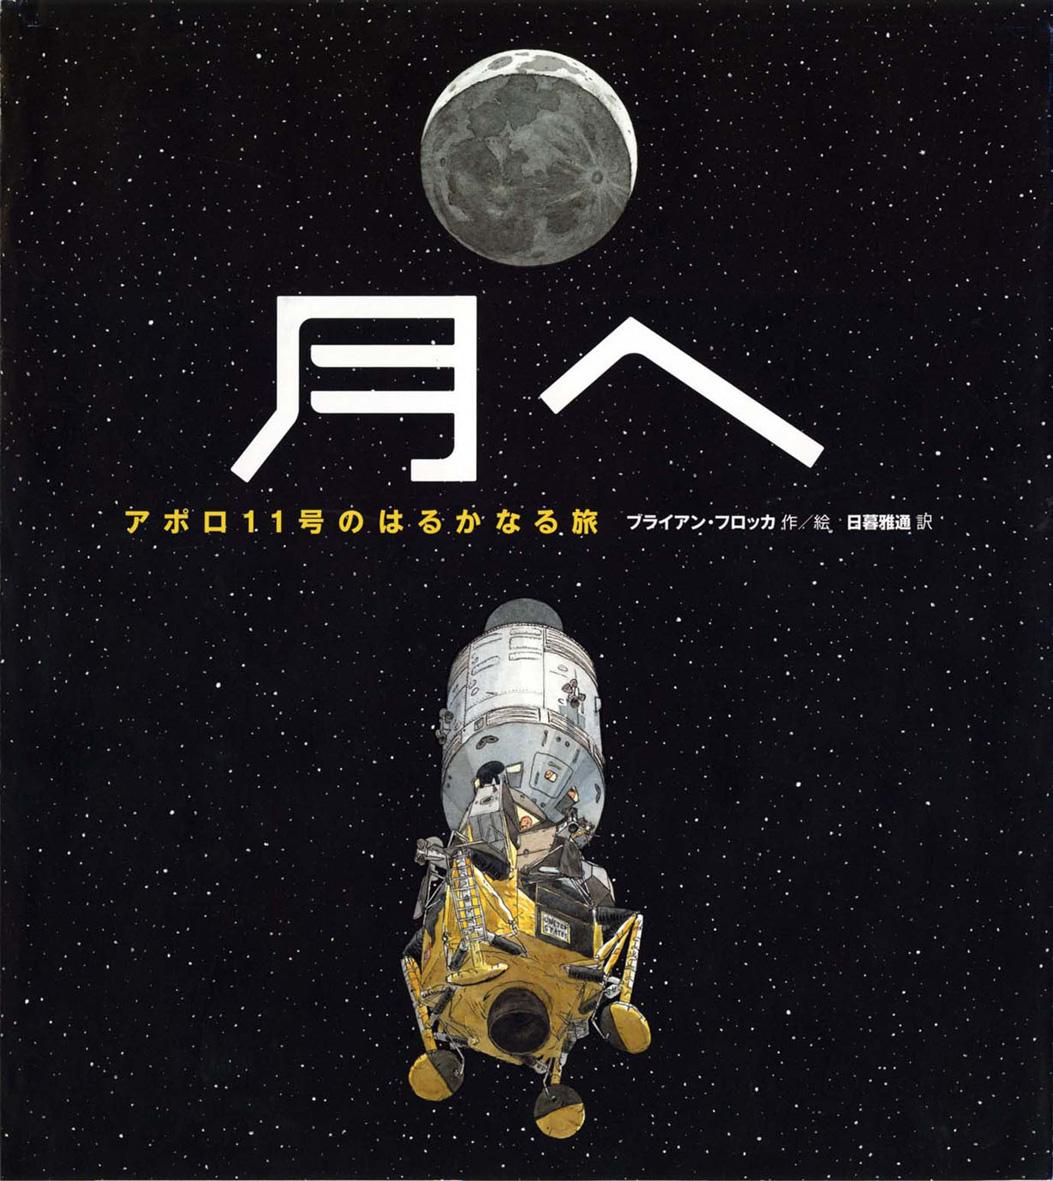 月へアポロ11号のはるかなる旅